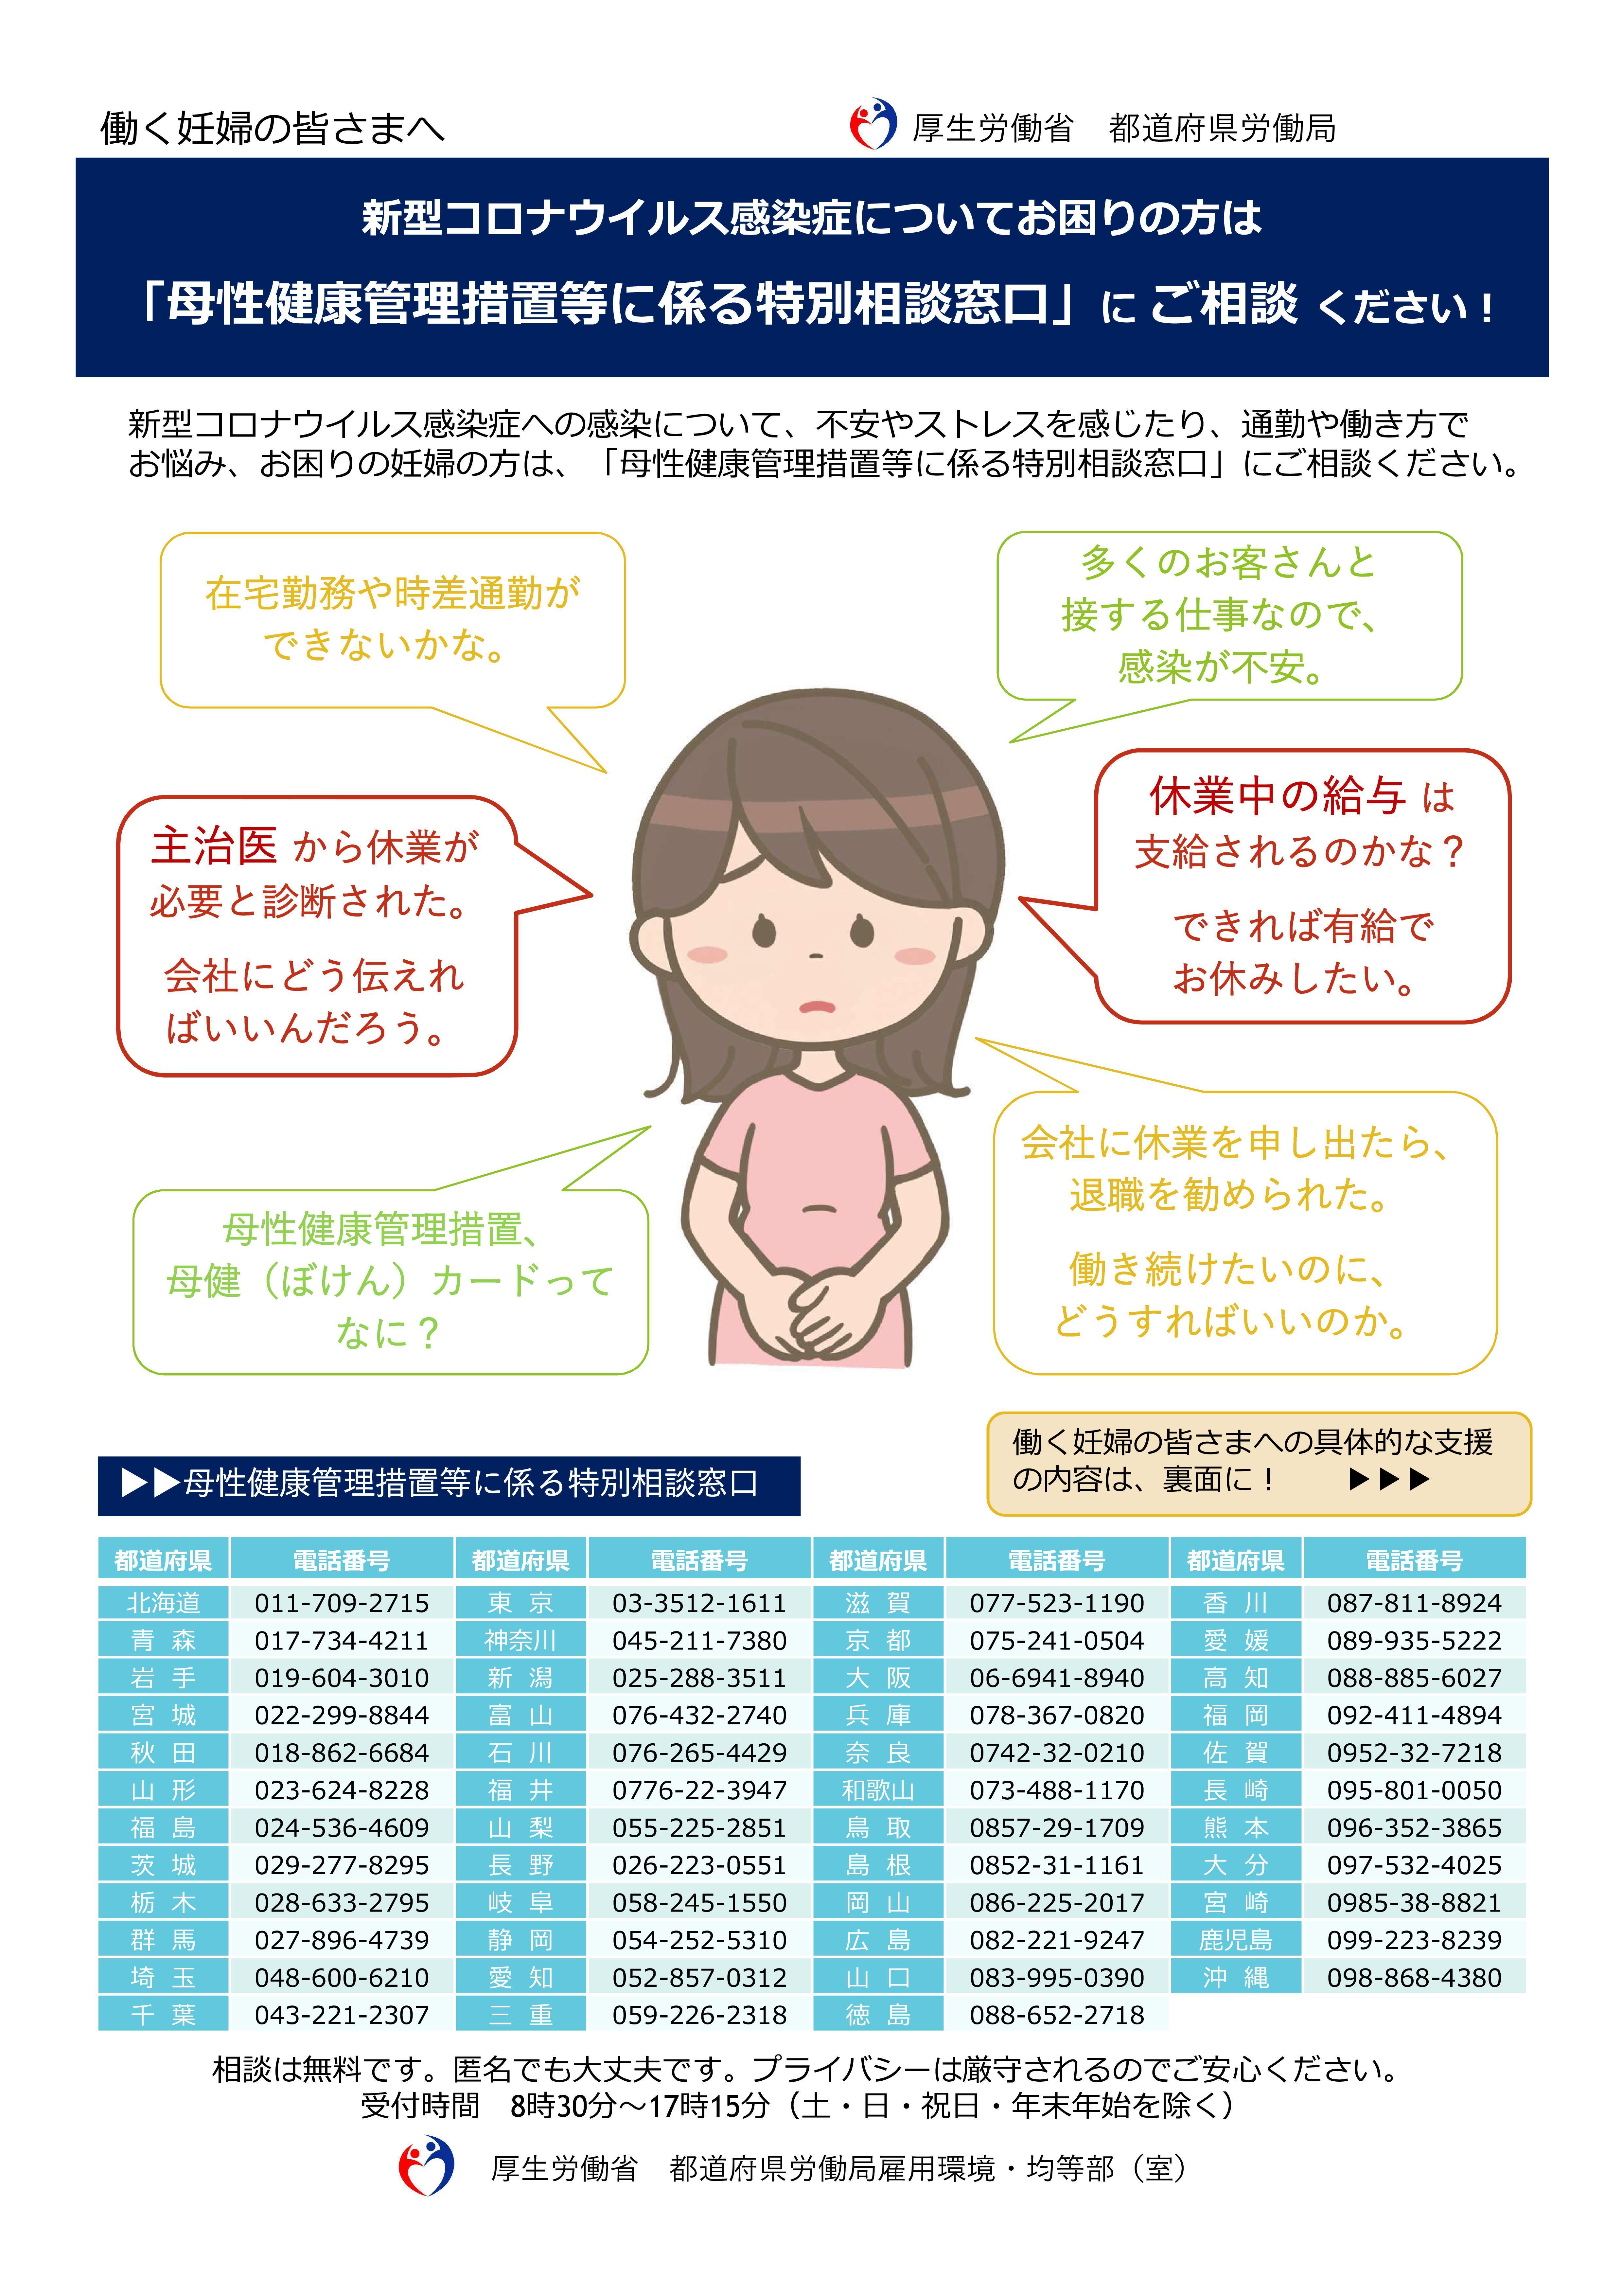 コロナ ウイルス 情報 熊本 最新